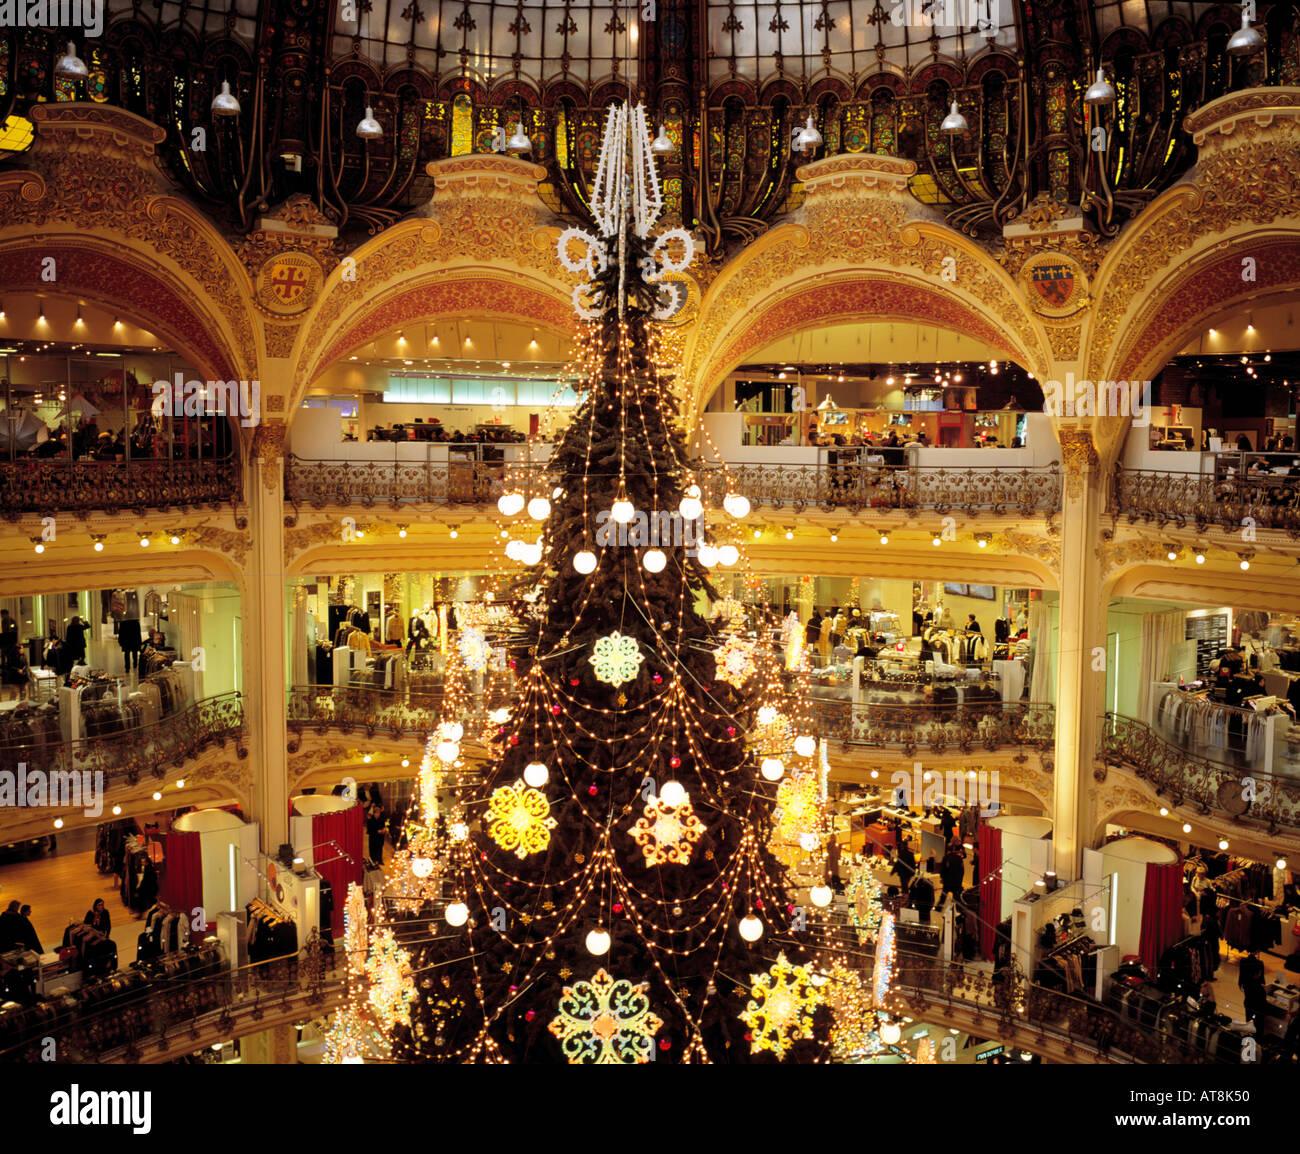 Paris Christmas Decorations: FRANCE PARIS GALERIES LAFAYETTE GIANT CHRISTMAS TREE